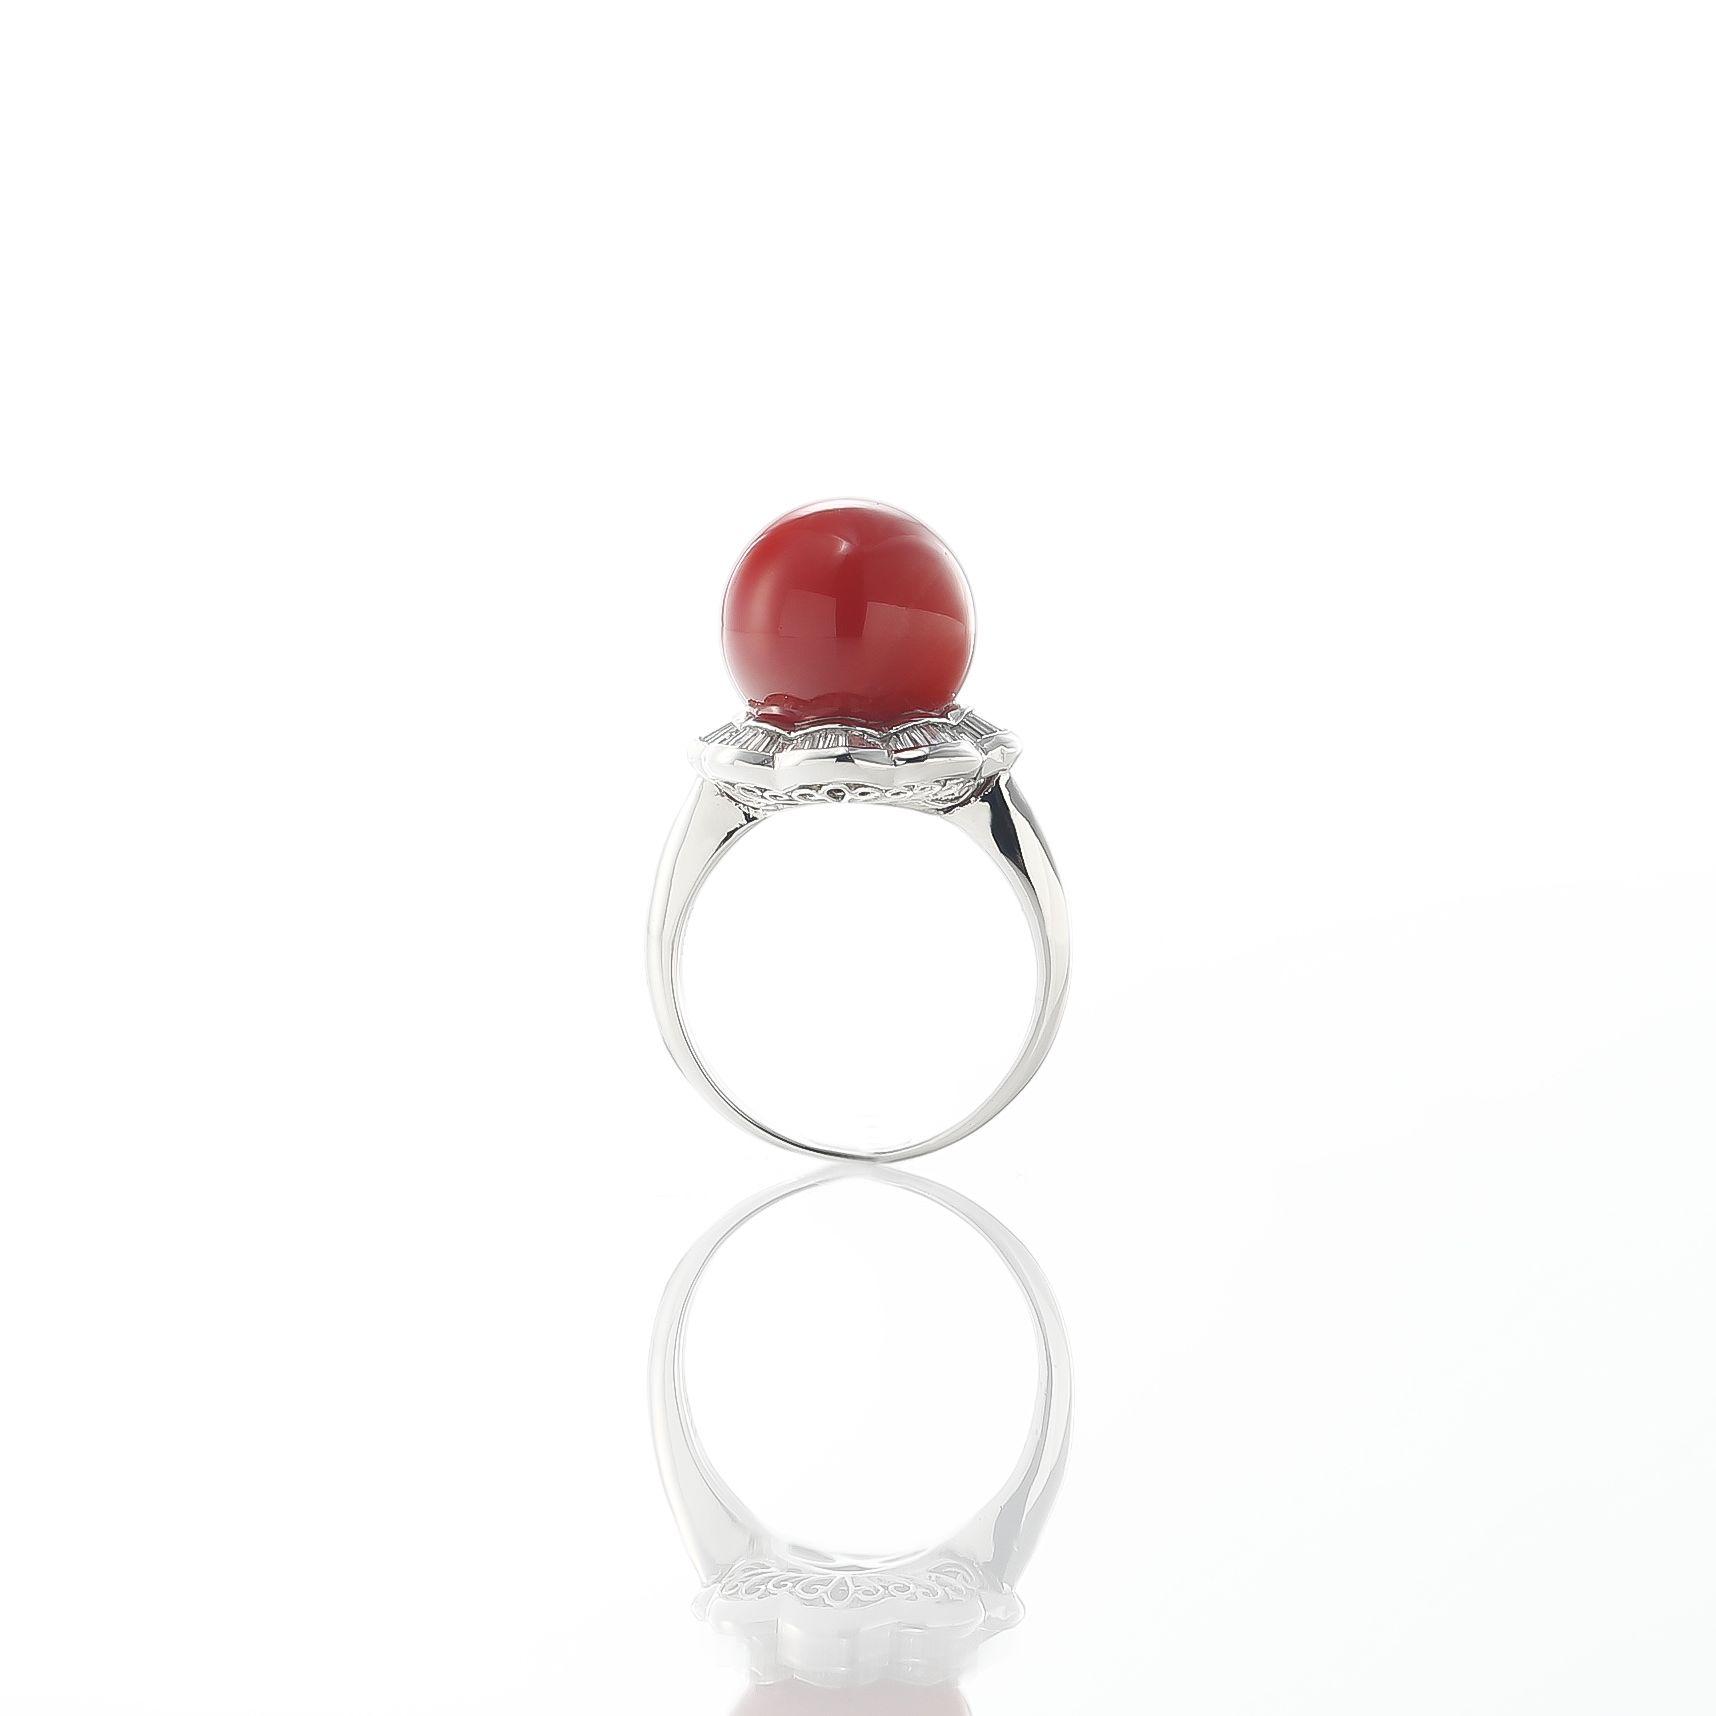 血赤珊瑚のリング 02